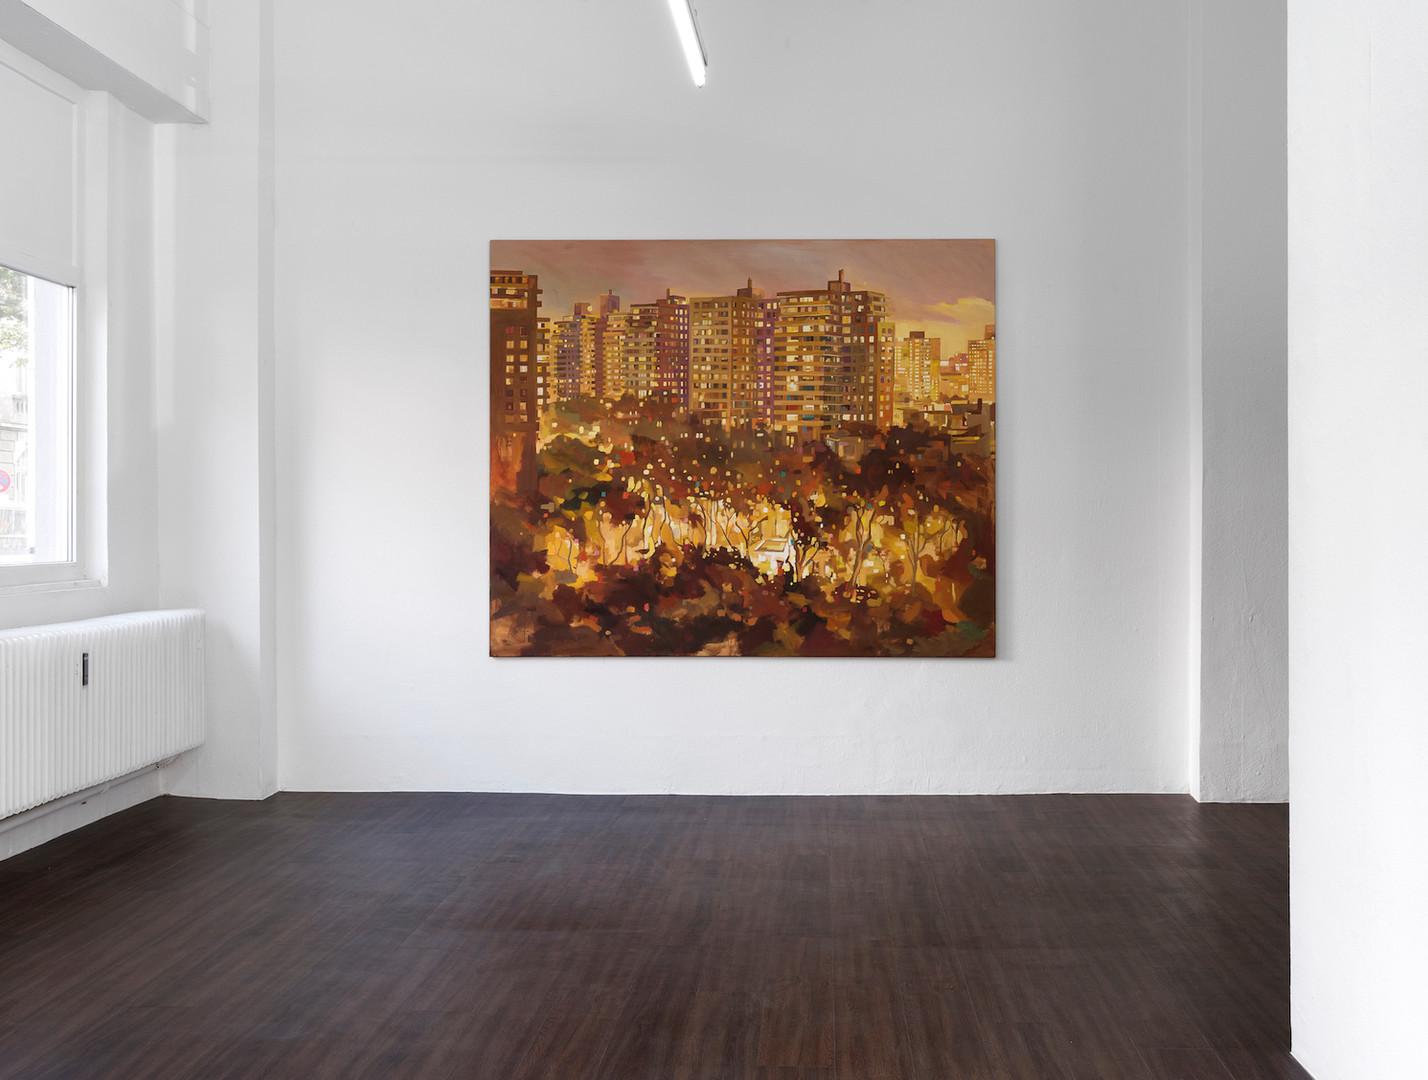 """Ausstellungsansicht """"Eyes wide open"""" in der Kunsthalle Ludwig, Frankfurt: Felix Eckardt tribe 2014 Öl auf Leinwand 190 x 230 cm"""